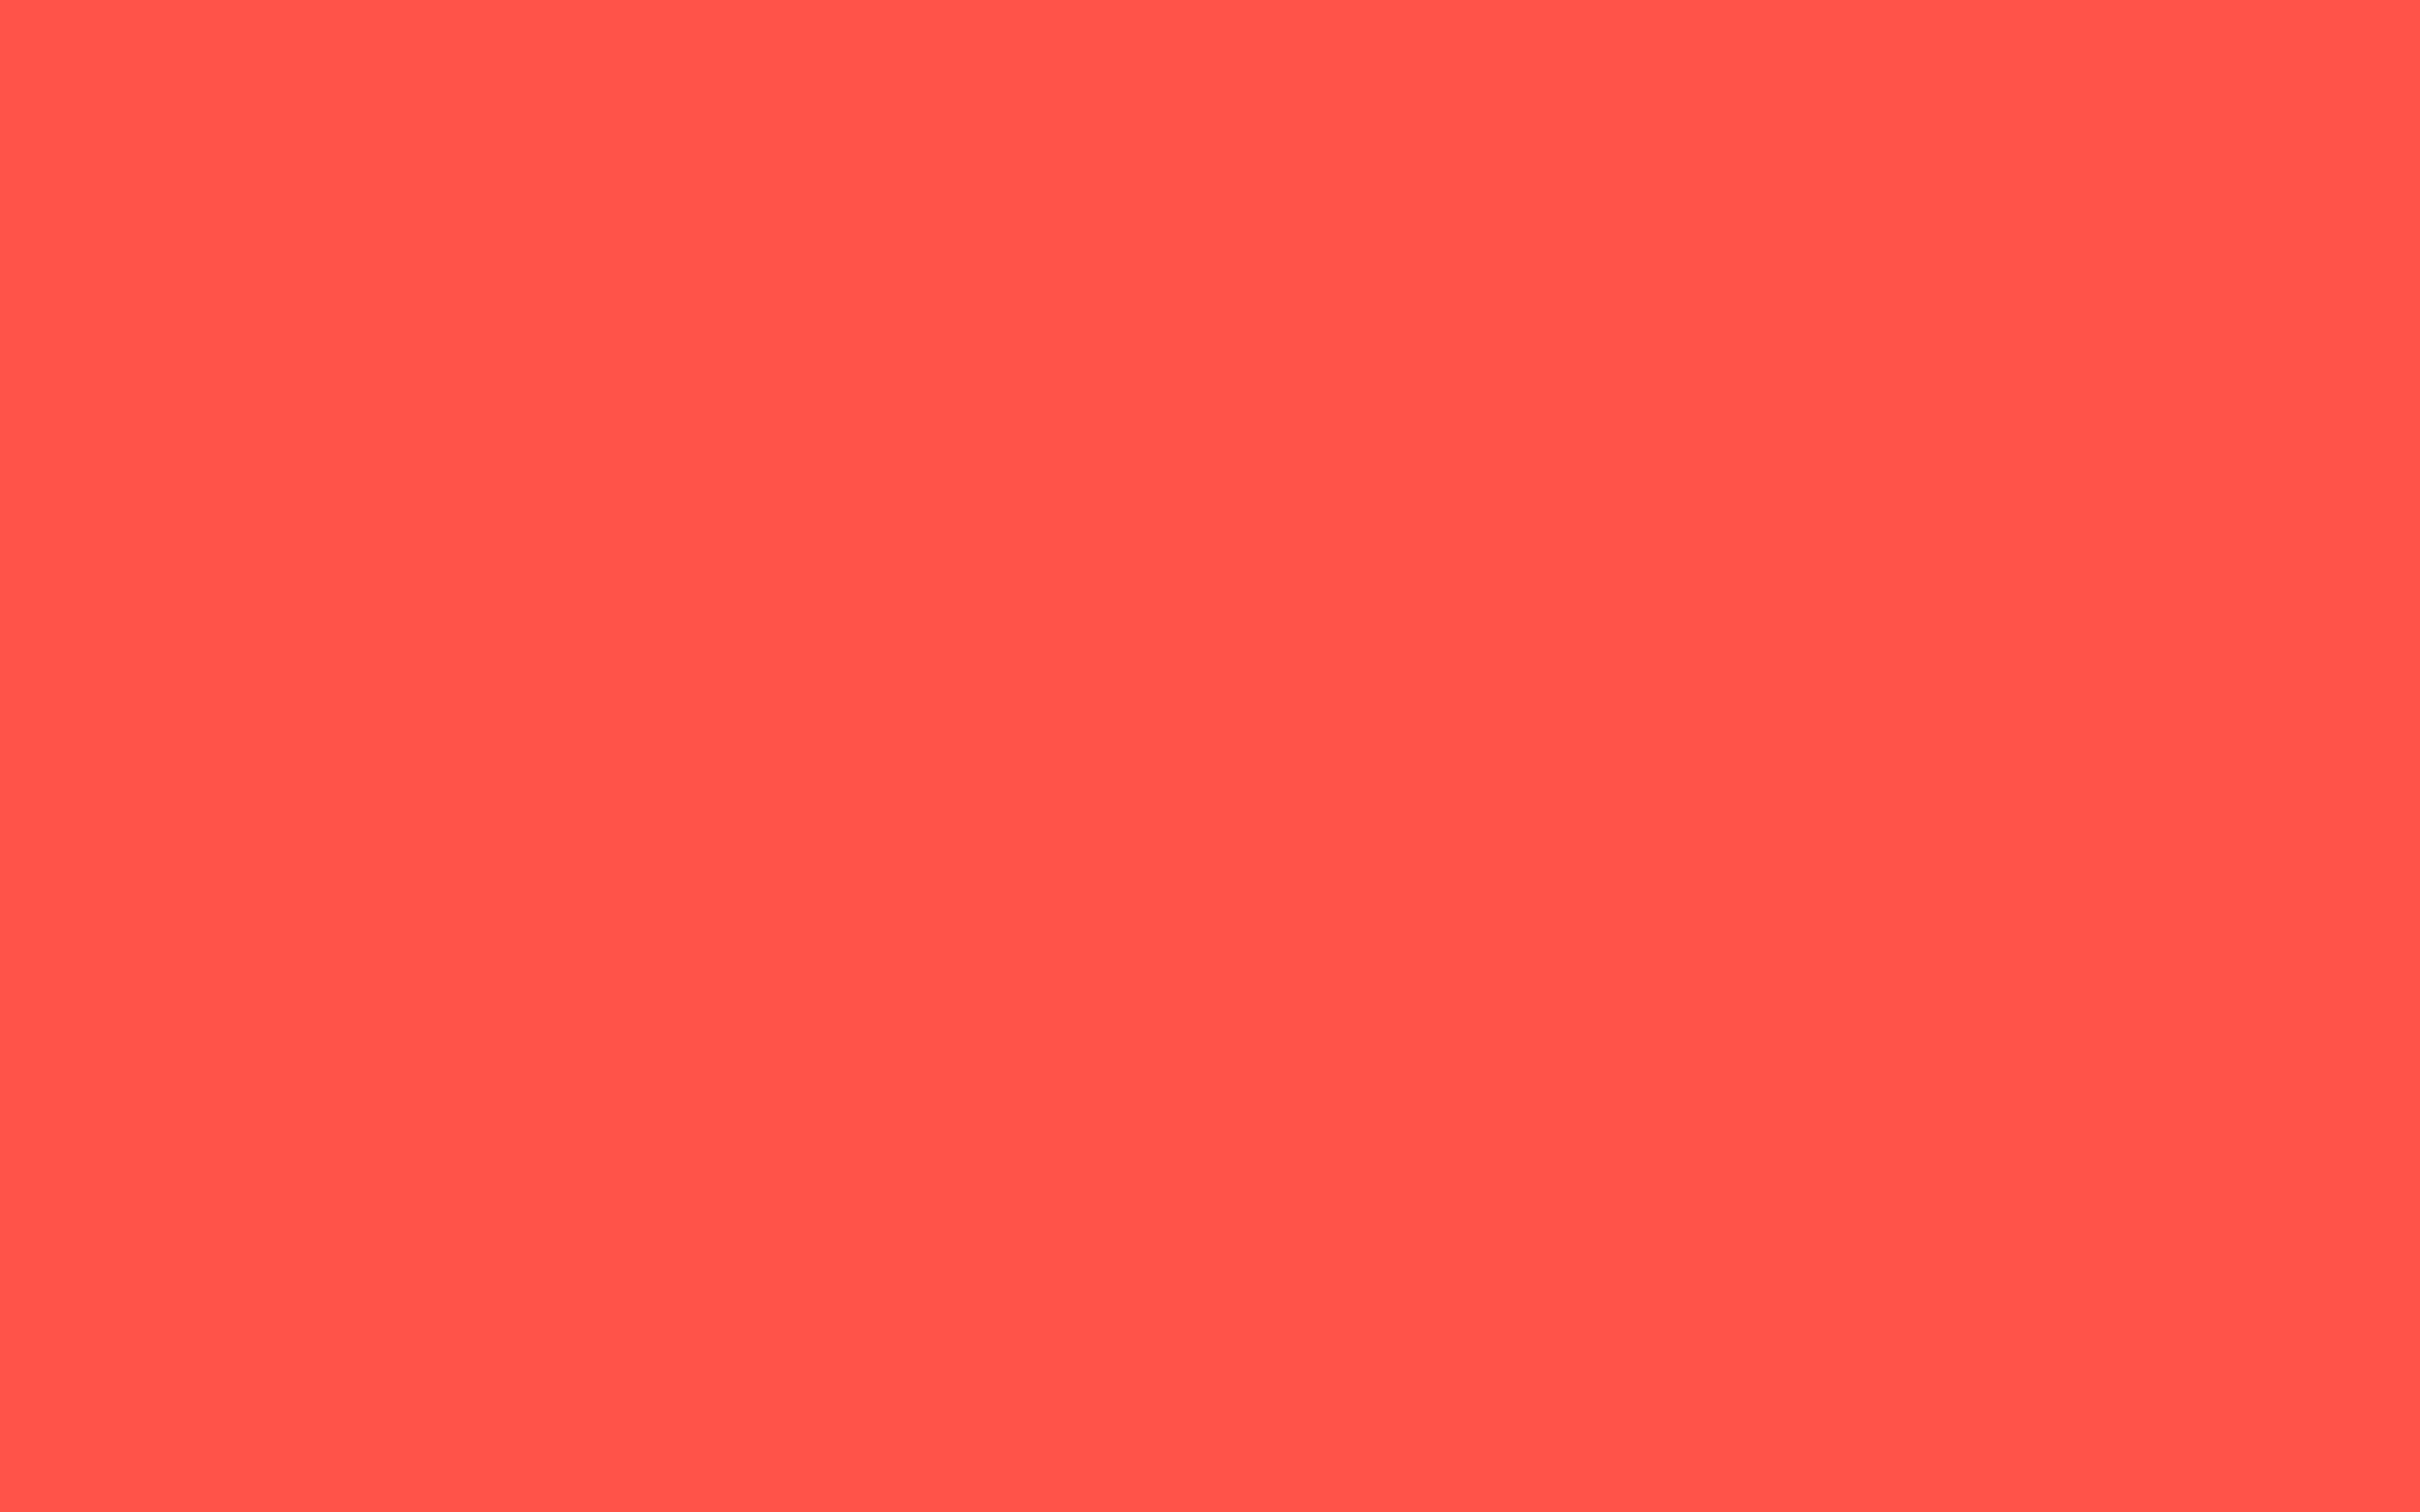 Red-orange Solid Color Background